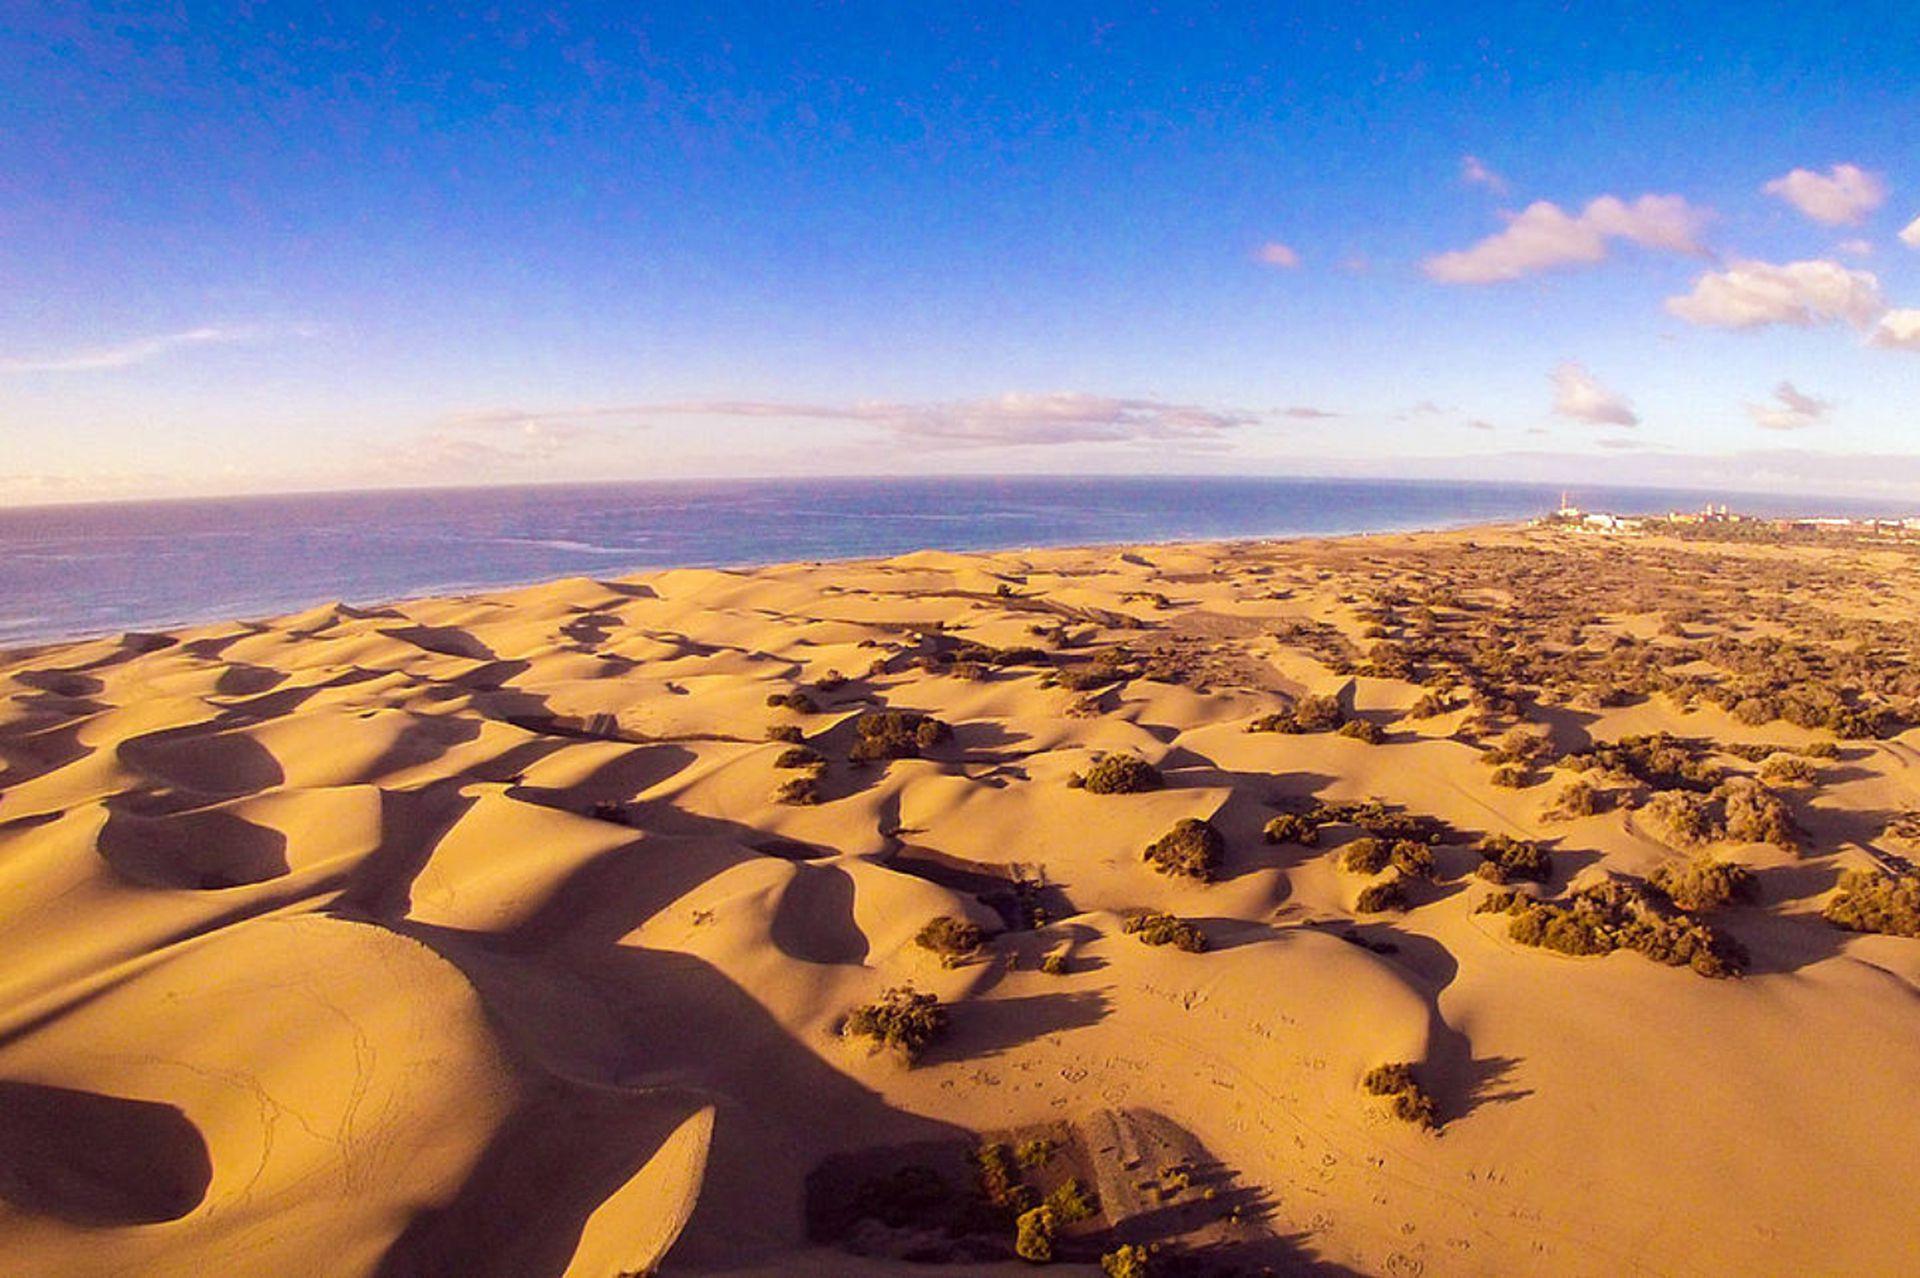 Campo de dunas en Maspalomas, Gran Canaria.